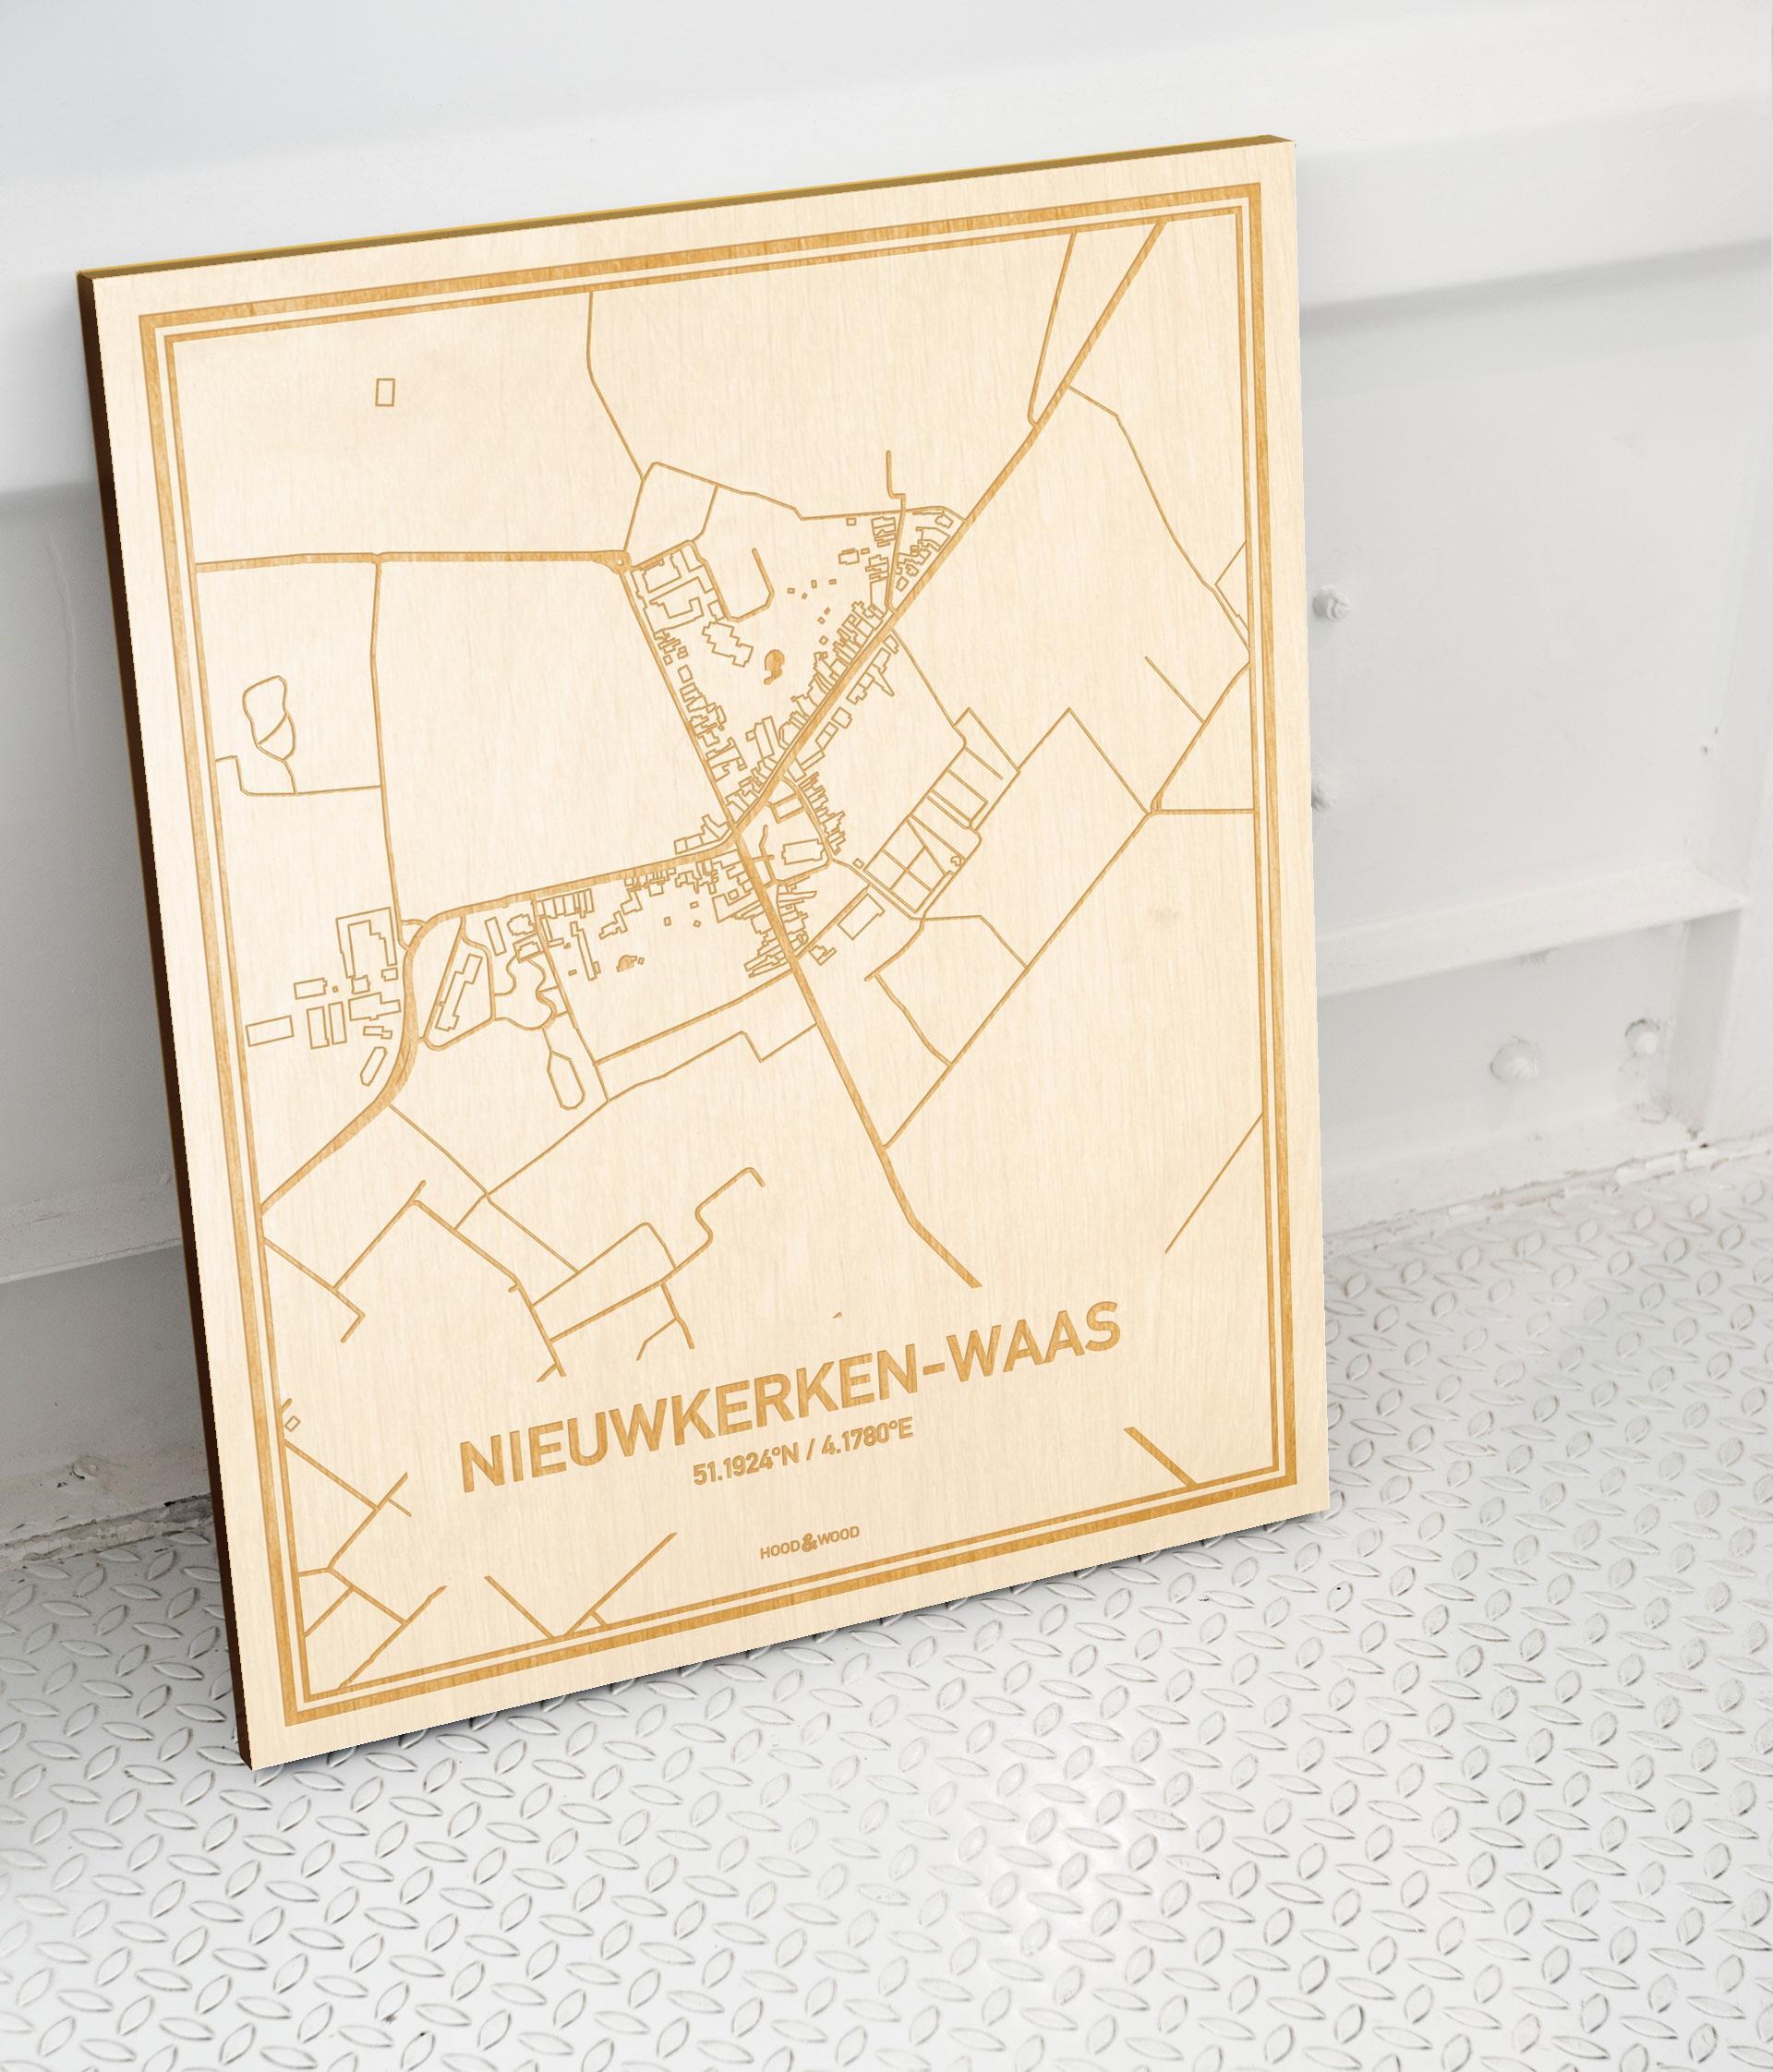 Plattegrond Nieuwkerken-Waas als prachtige houten wanddecoratie. Het warme hout contrasteert mooi met de witte muur.